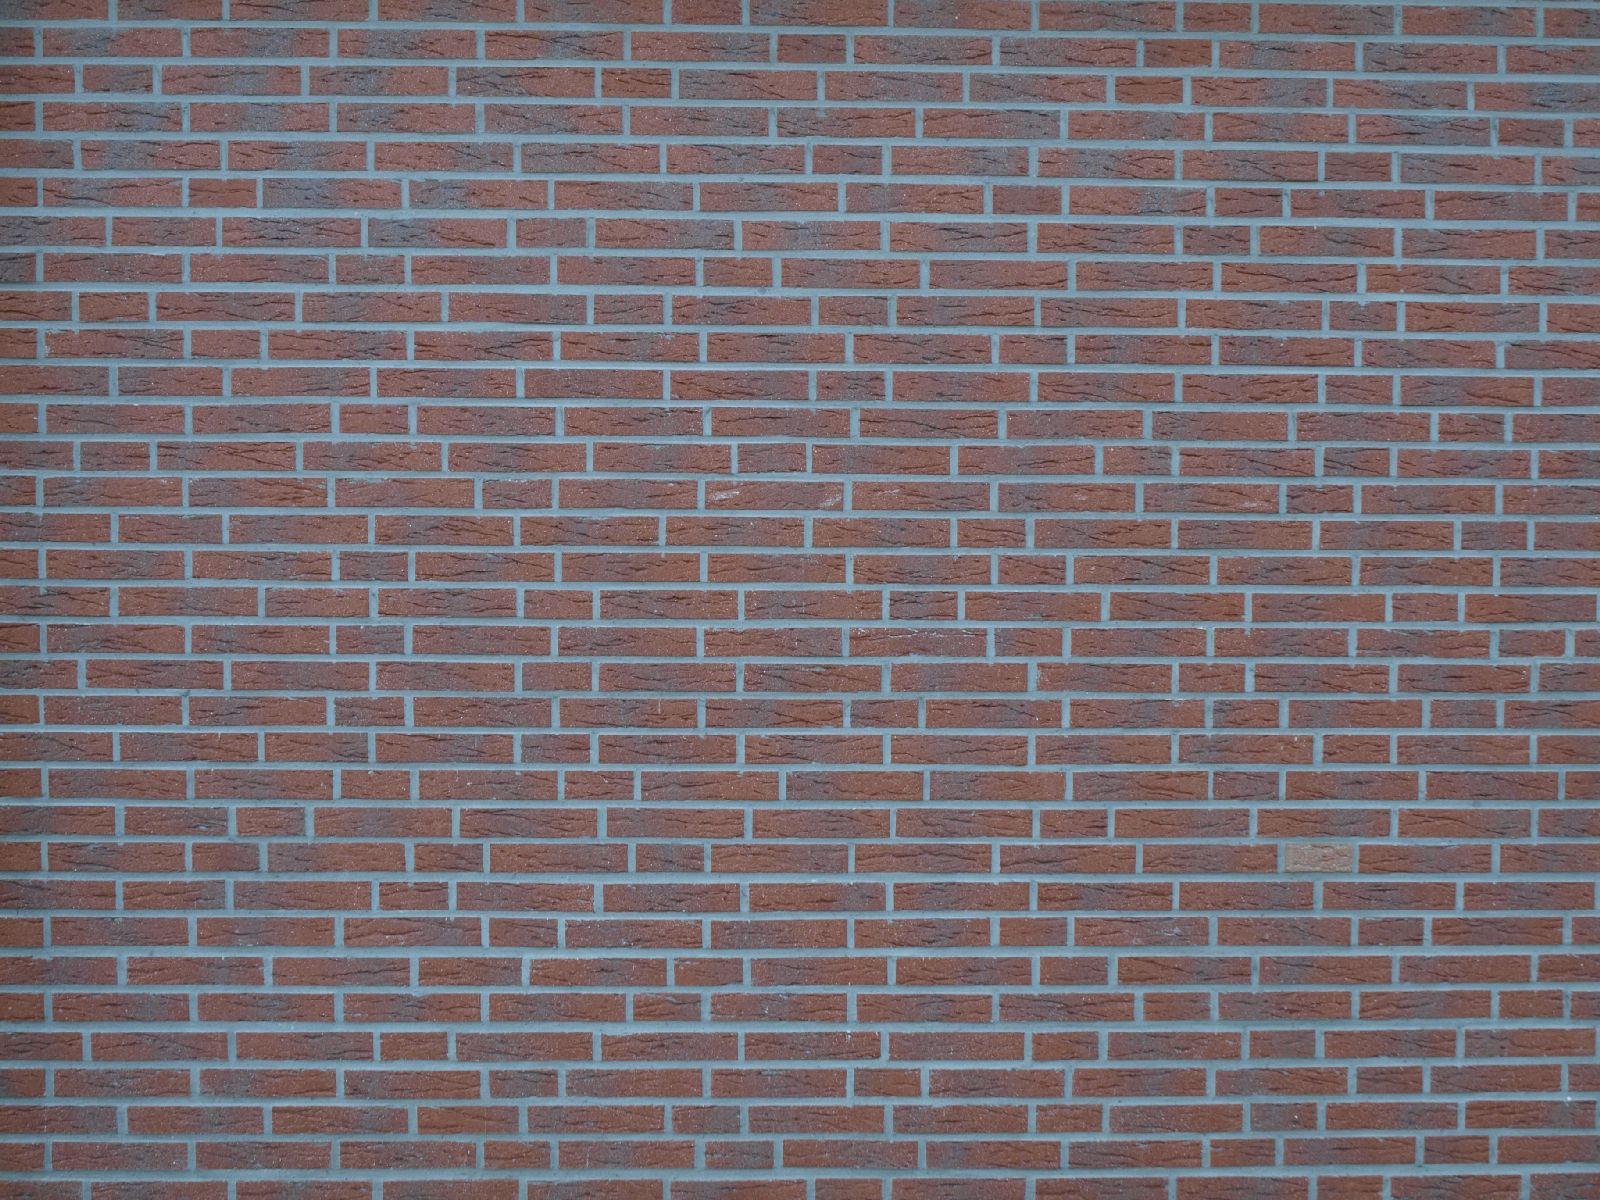 Wand-Mauerwerk-Backstein_Textur_A_PA116017